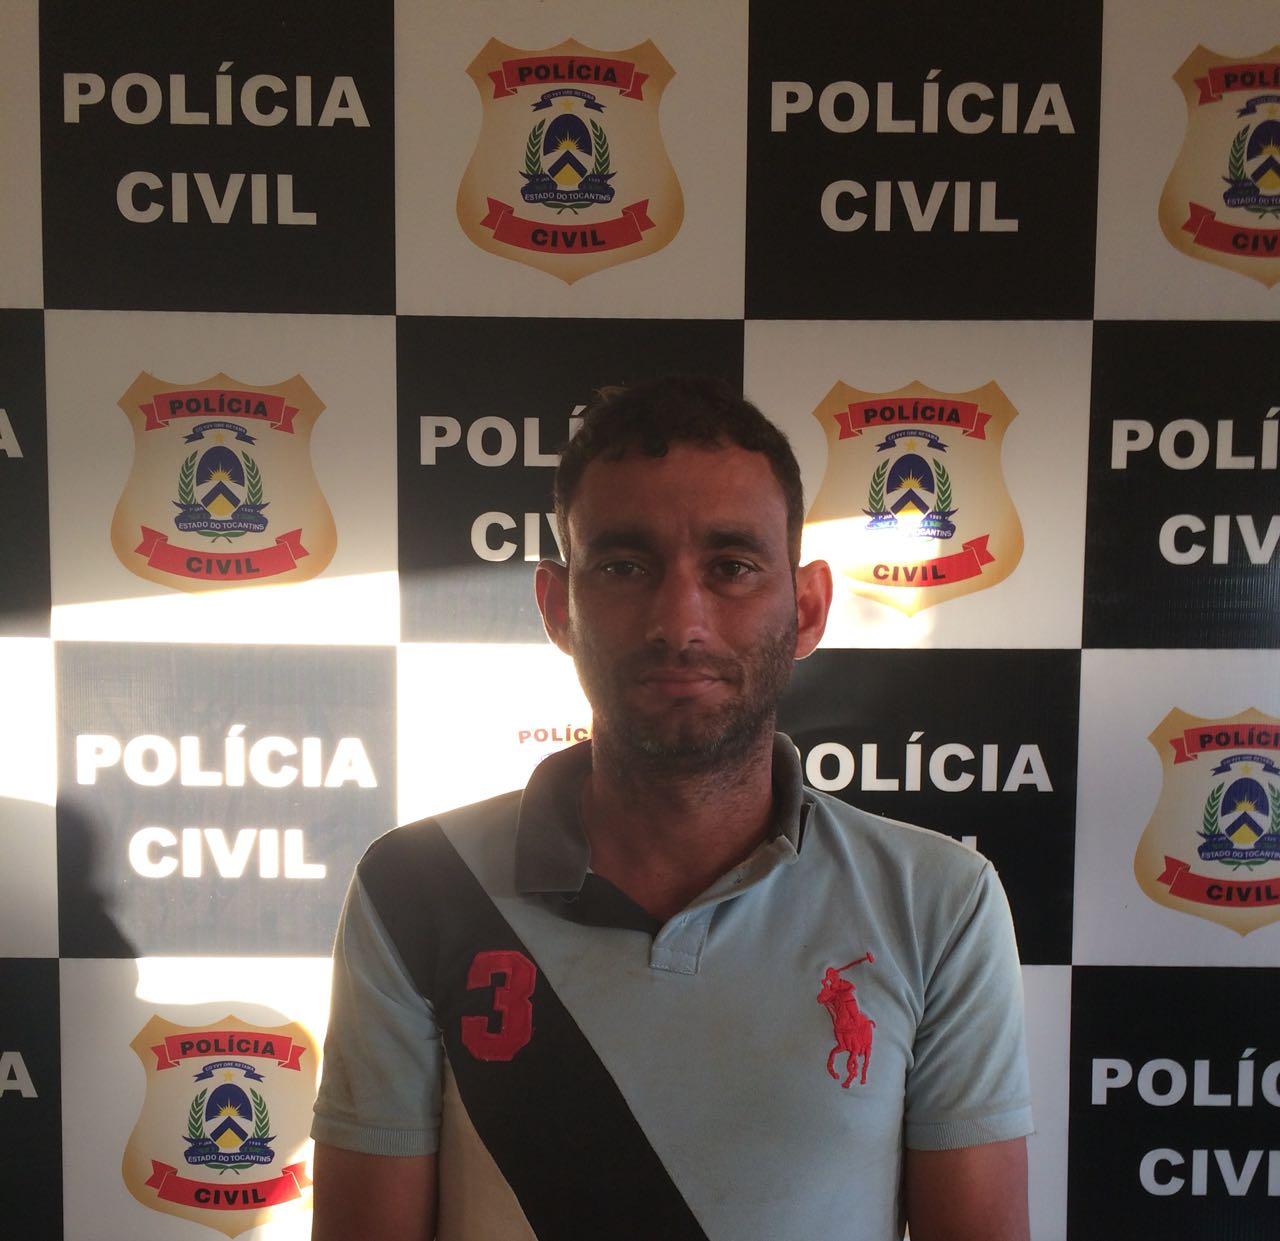 Polícia Civil prende em flagrante autor de tentativa de homicídio qualificado (Feminicídio) contra companheira e enteada na cidade de Araguacema-TO